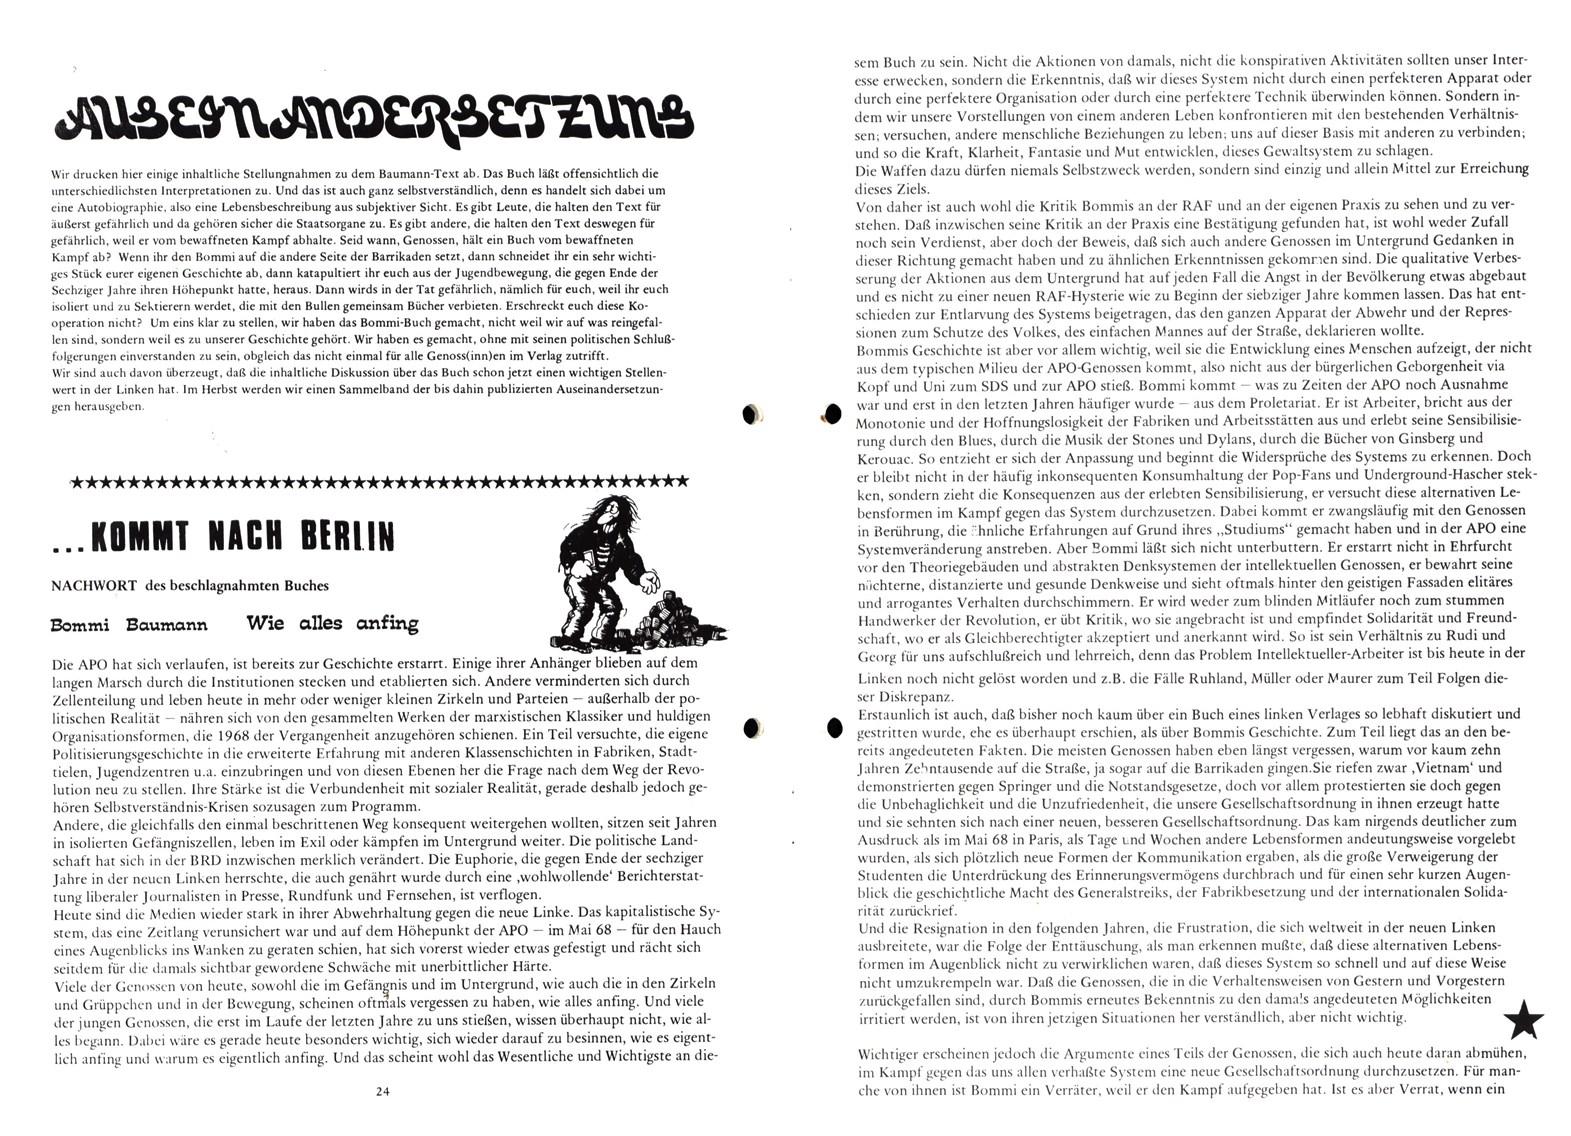 REP_1976_Doku_Beschlagnahme_von_Literatur_13